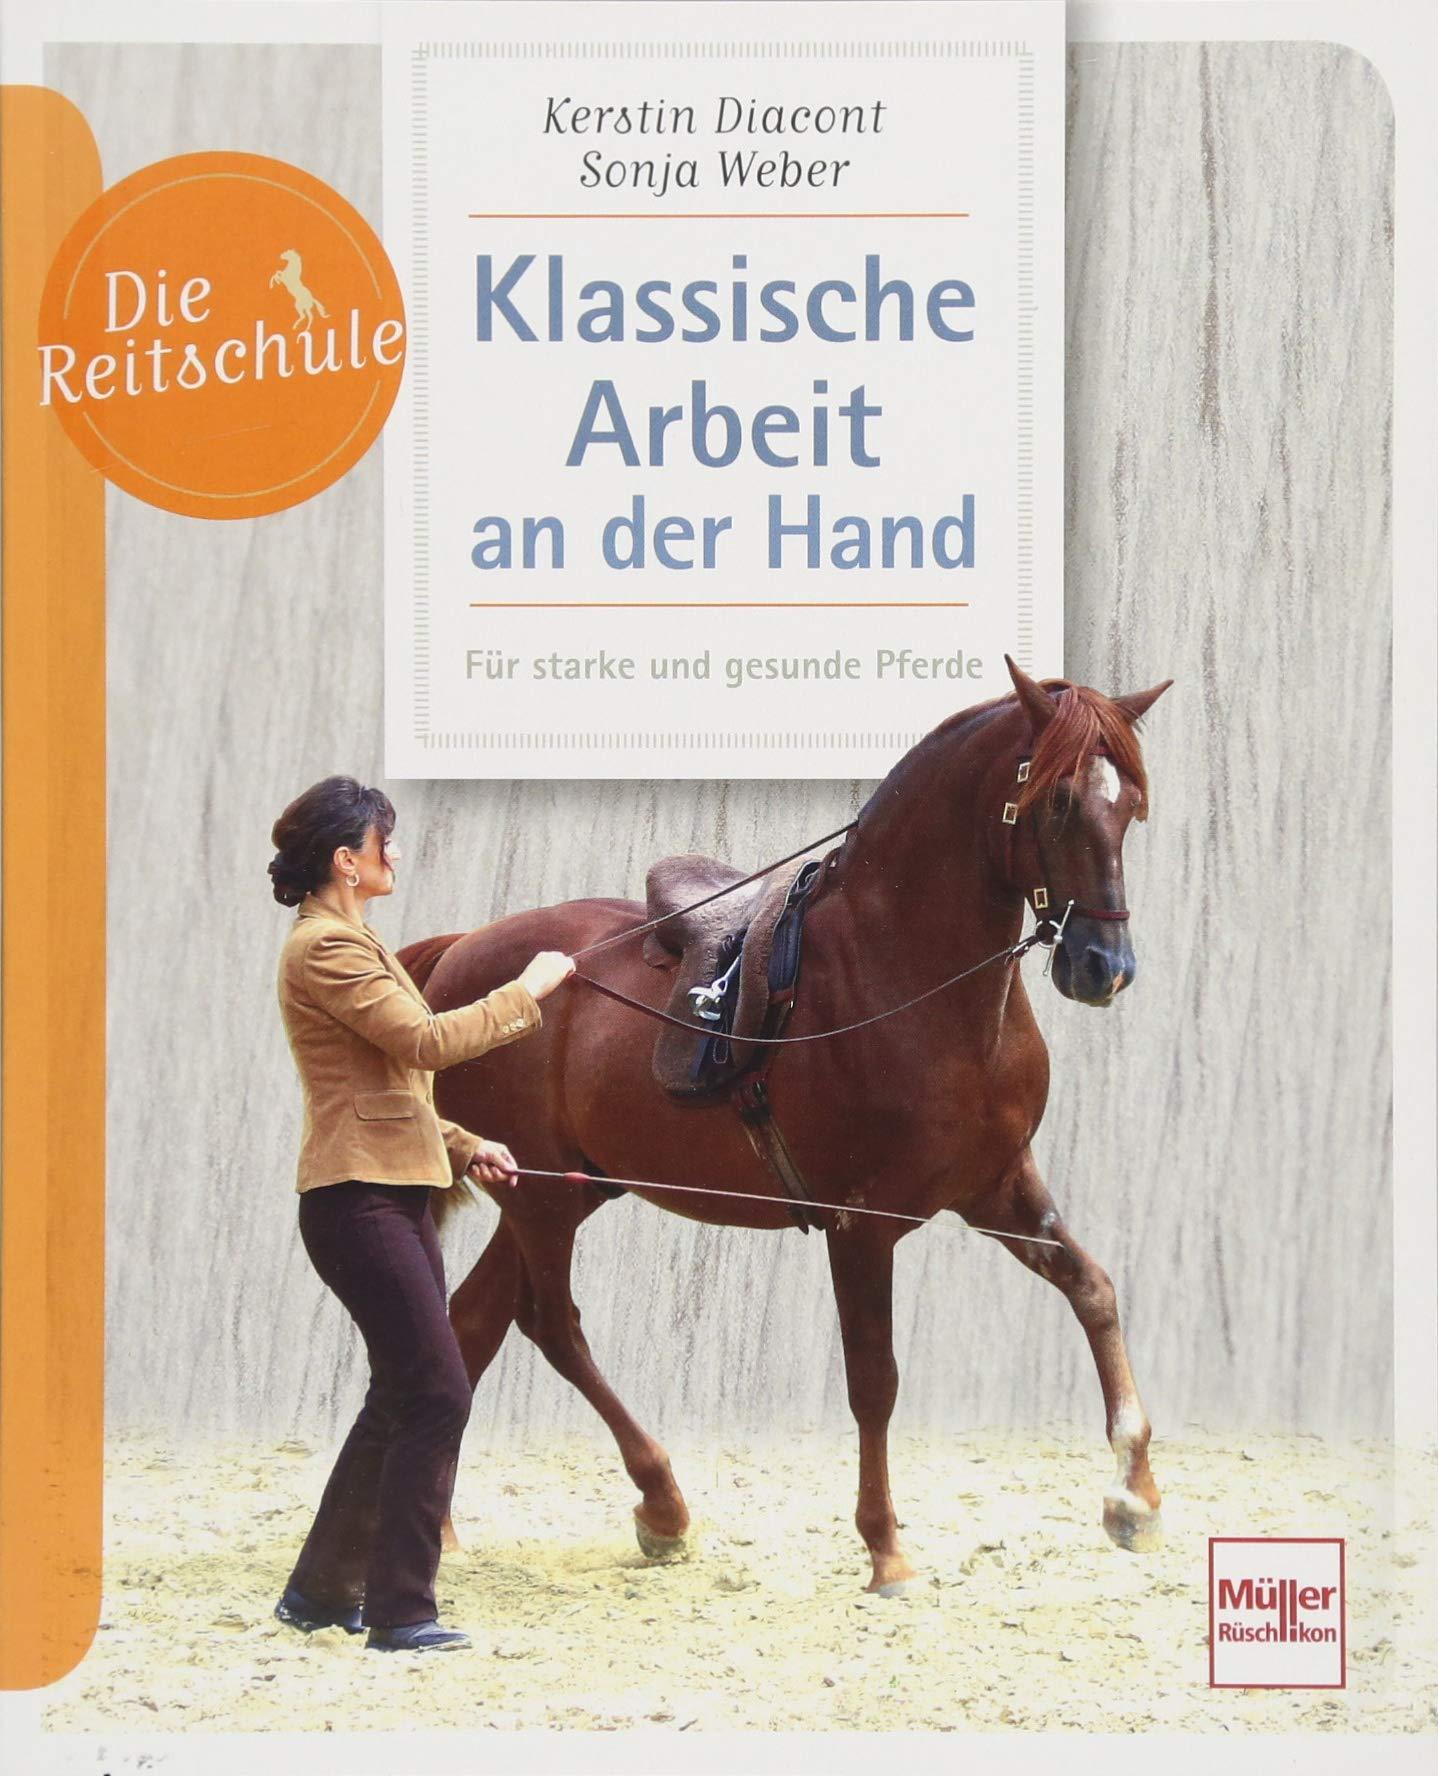 Klassische Arbeit an der Hand für starke und gesunde Pferde Buch Die Reitschule